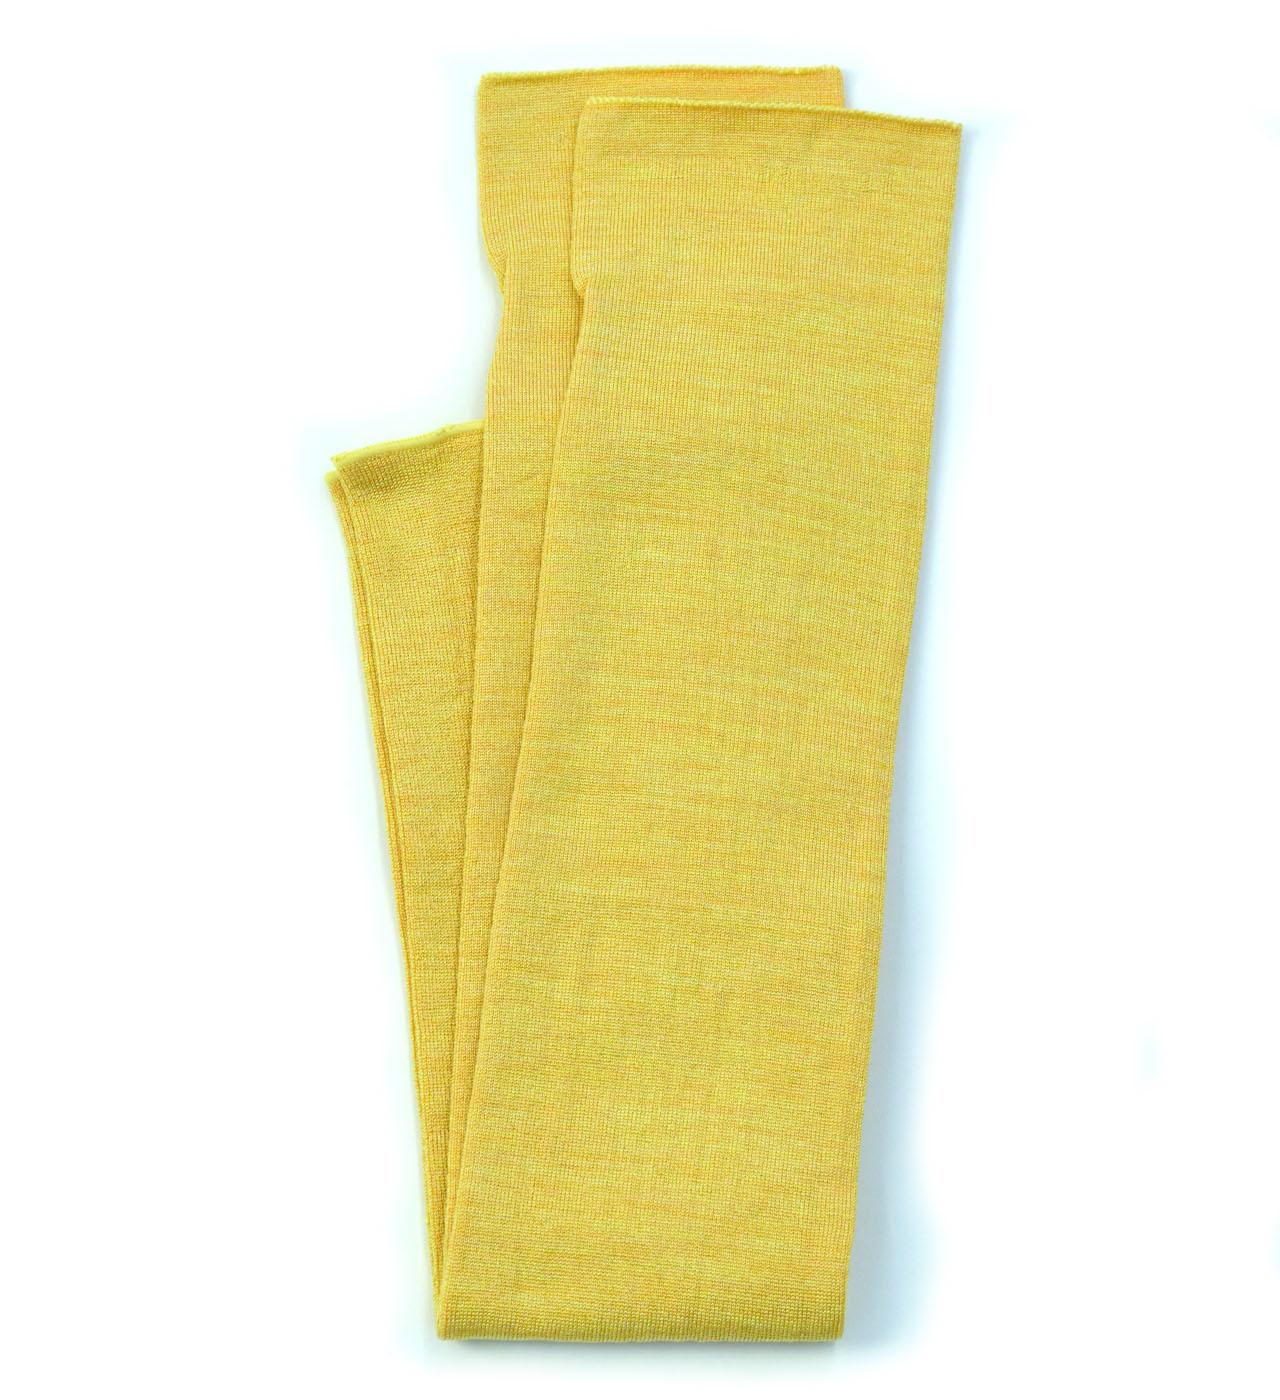 シルク糸でつくったニットアームカバー/イエロー